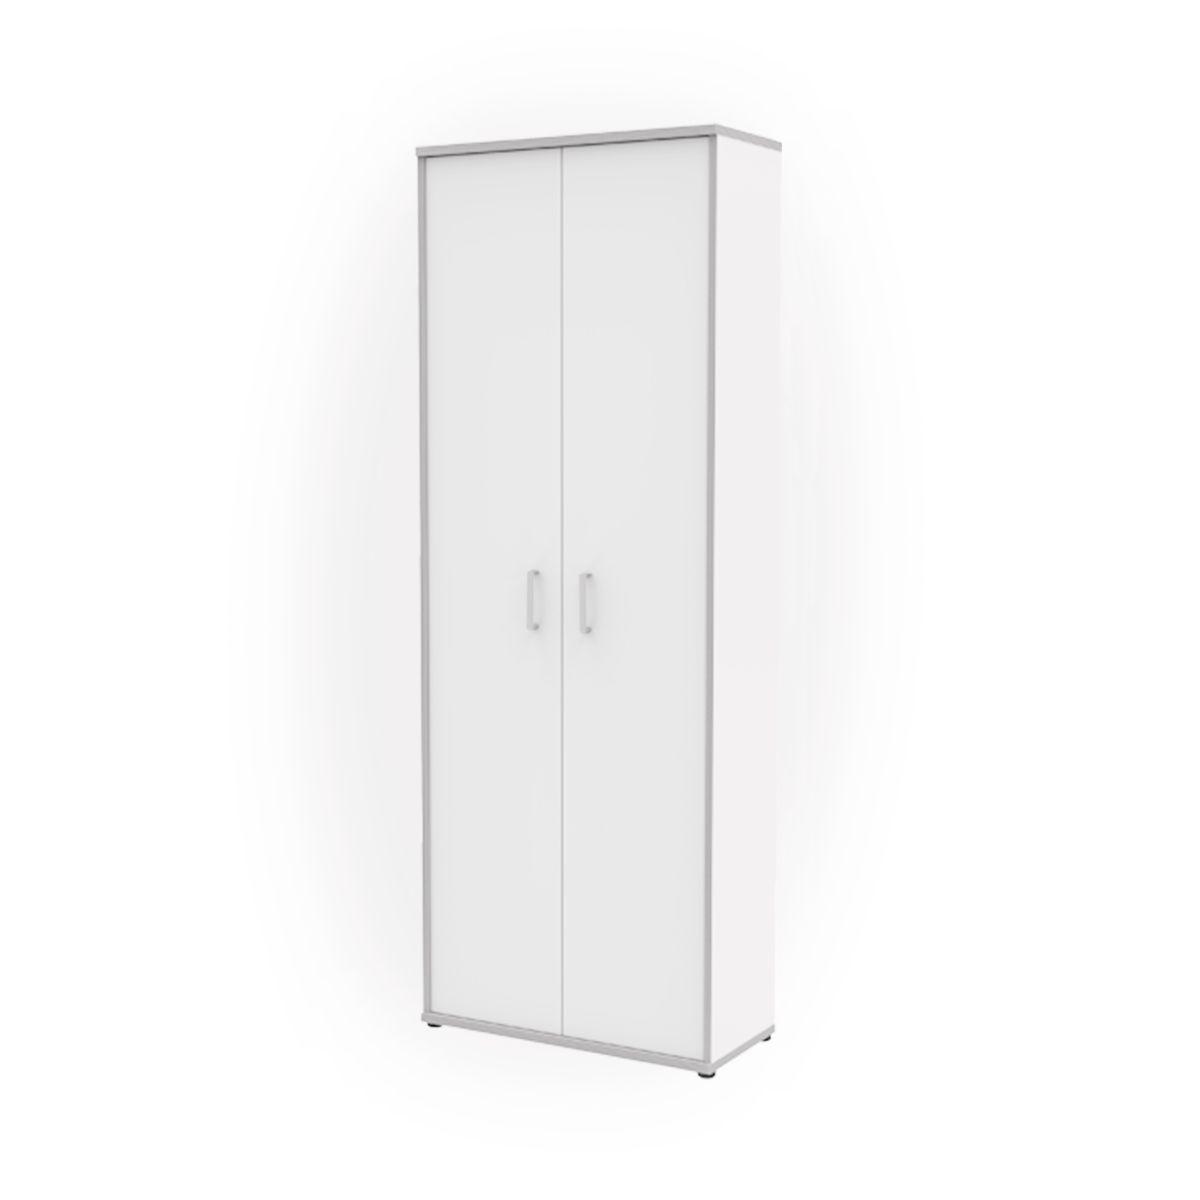 schrank milas 6 ordnerh hen t ren abschlie bar breite 800 mm g nstig kaufen sch fer shop. Black Bedroom Furniture Sets. Home Design Ideas